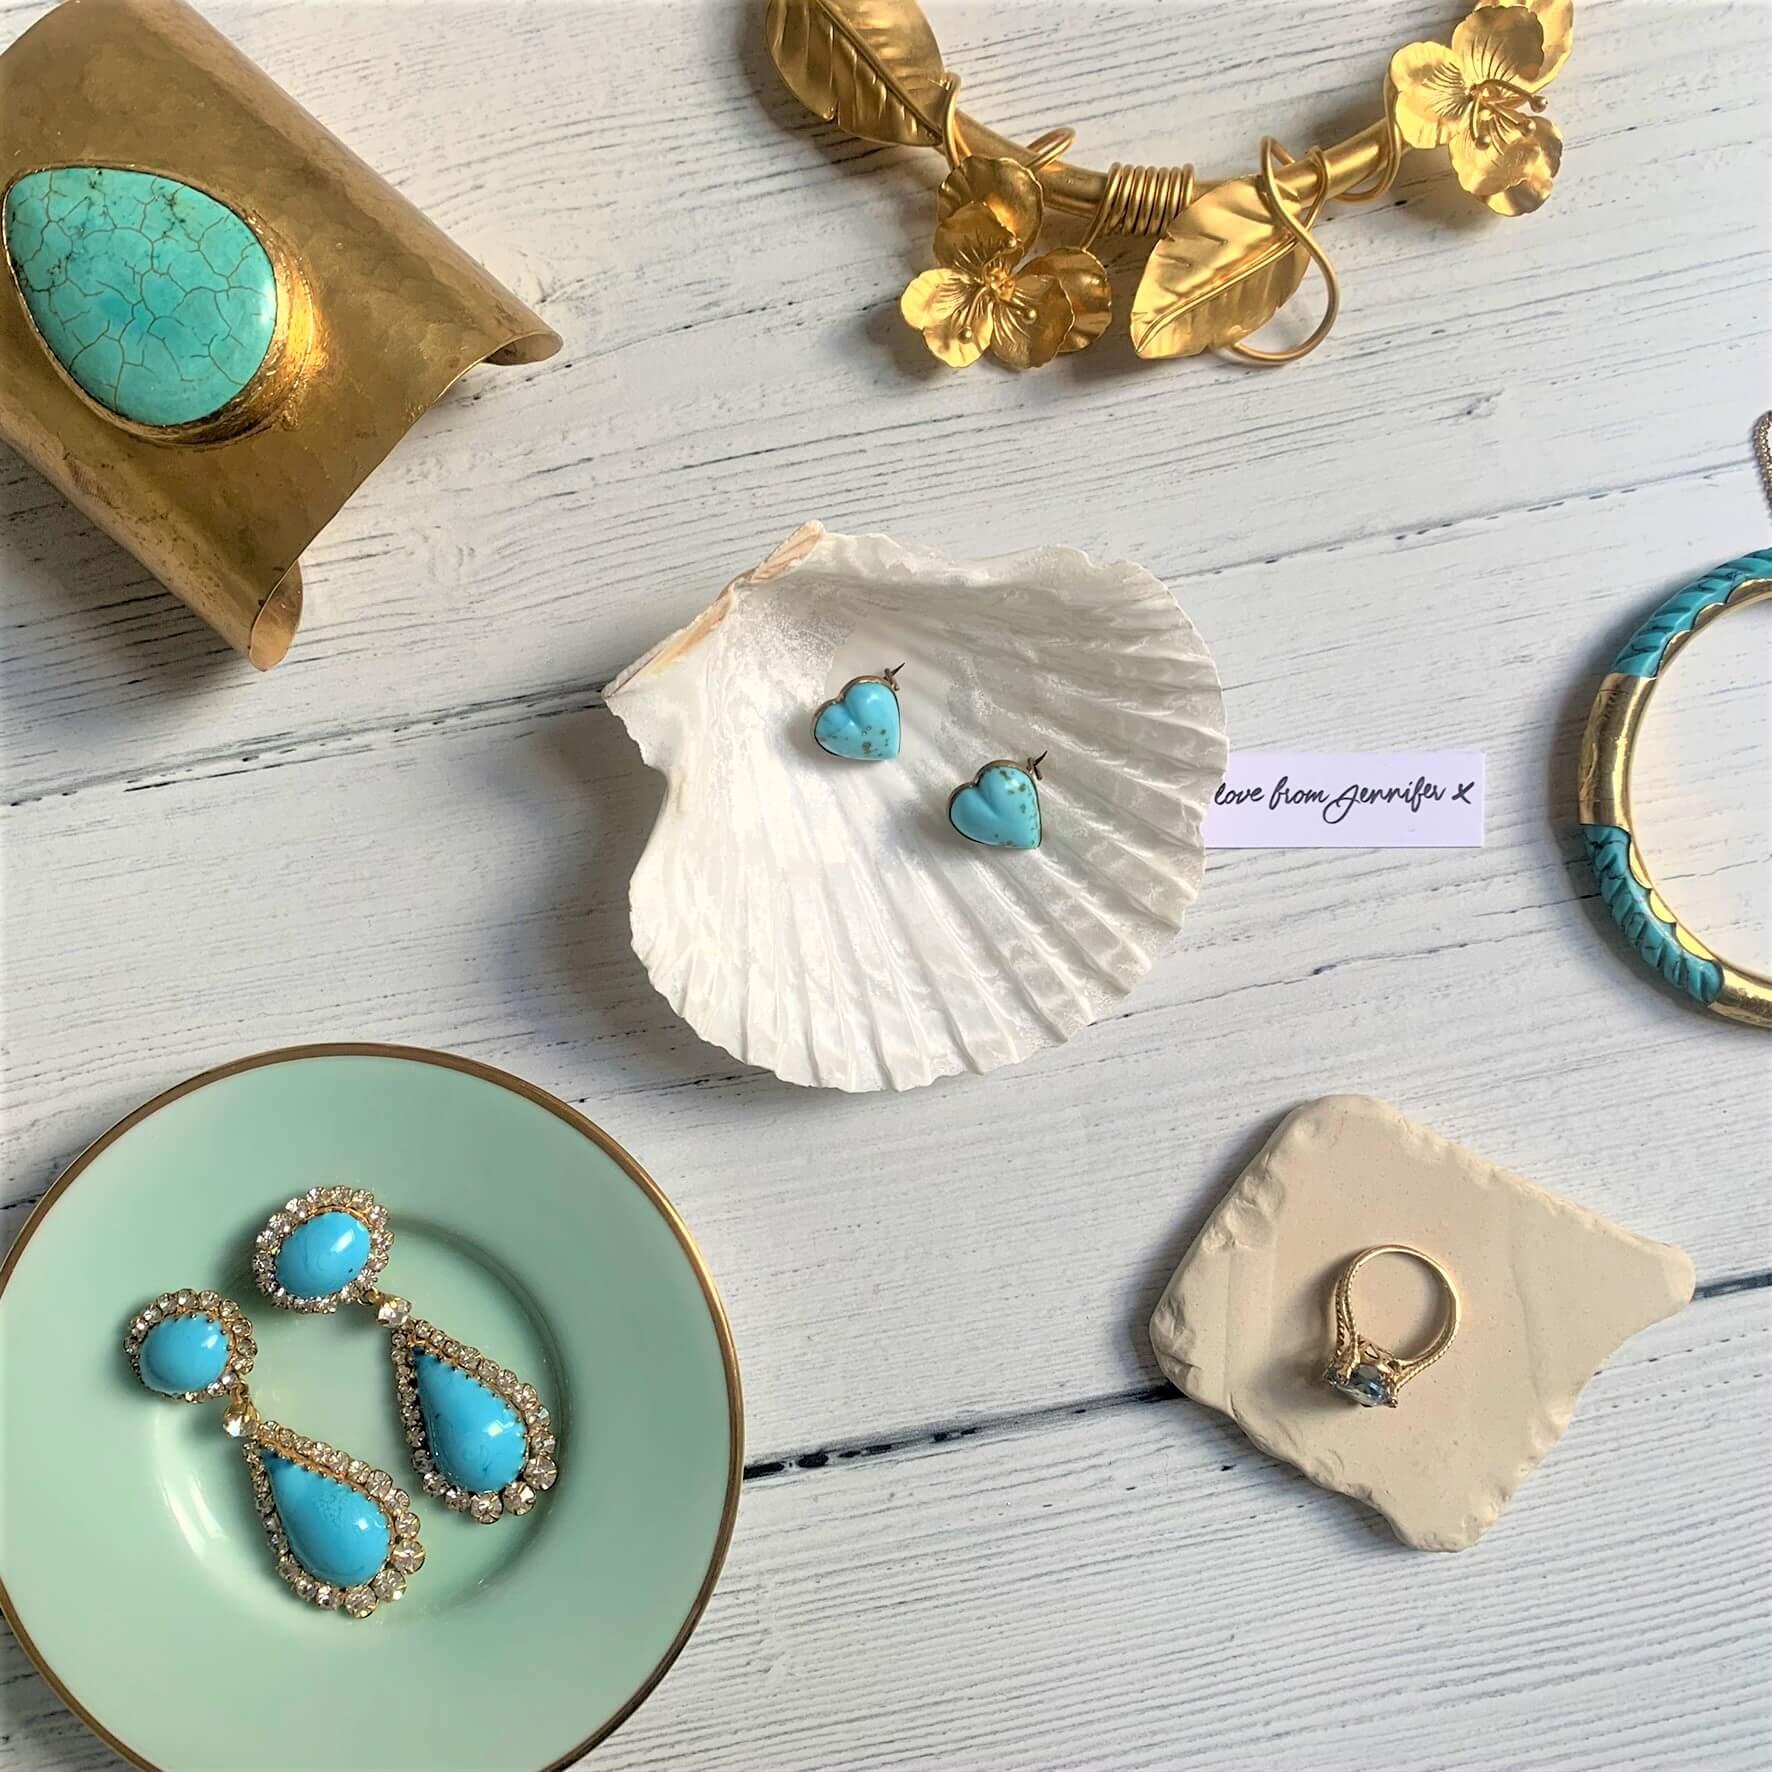 Vintage Summer Jewellery Necklace Earrings Brooches Bracelets Jennifer Gibson Jewellery 2020